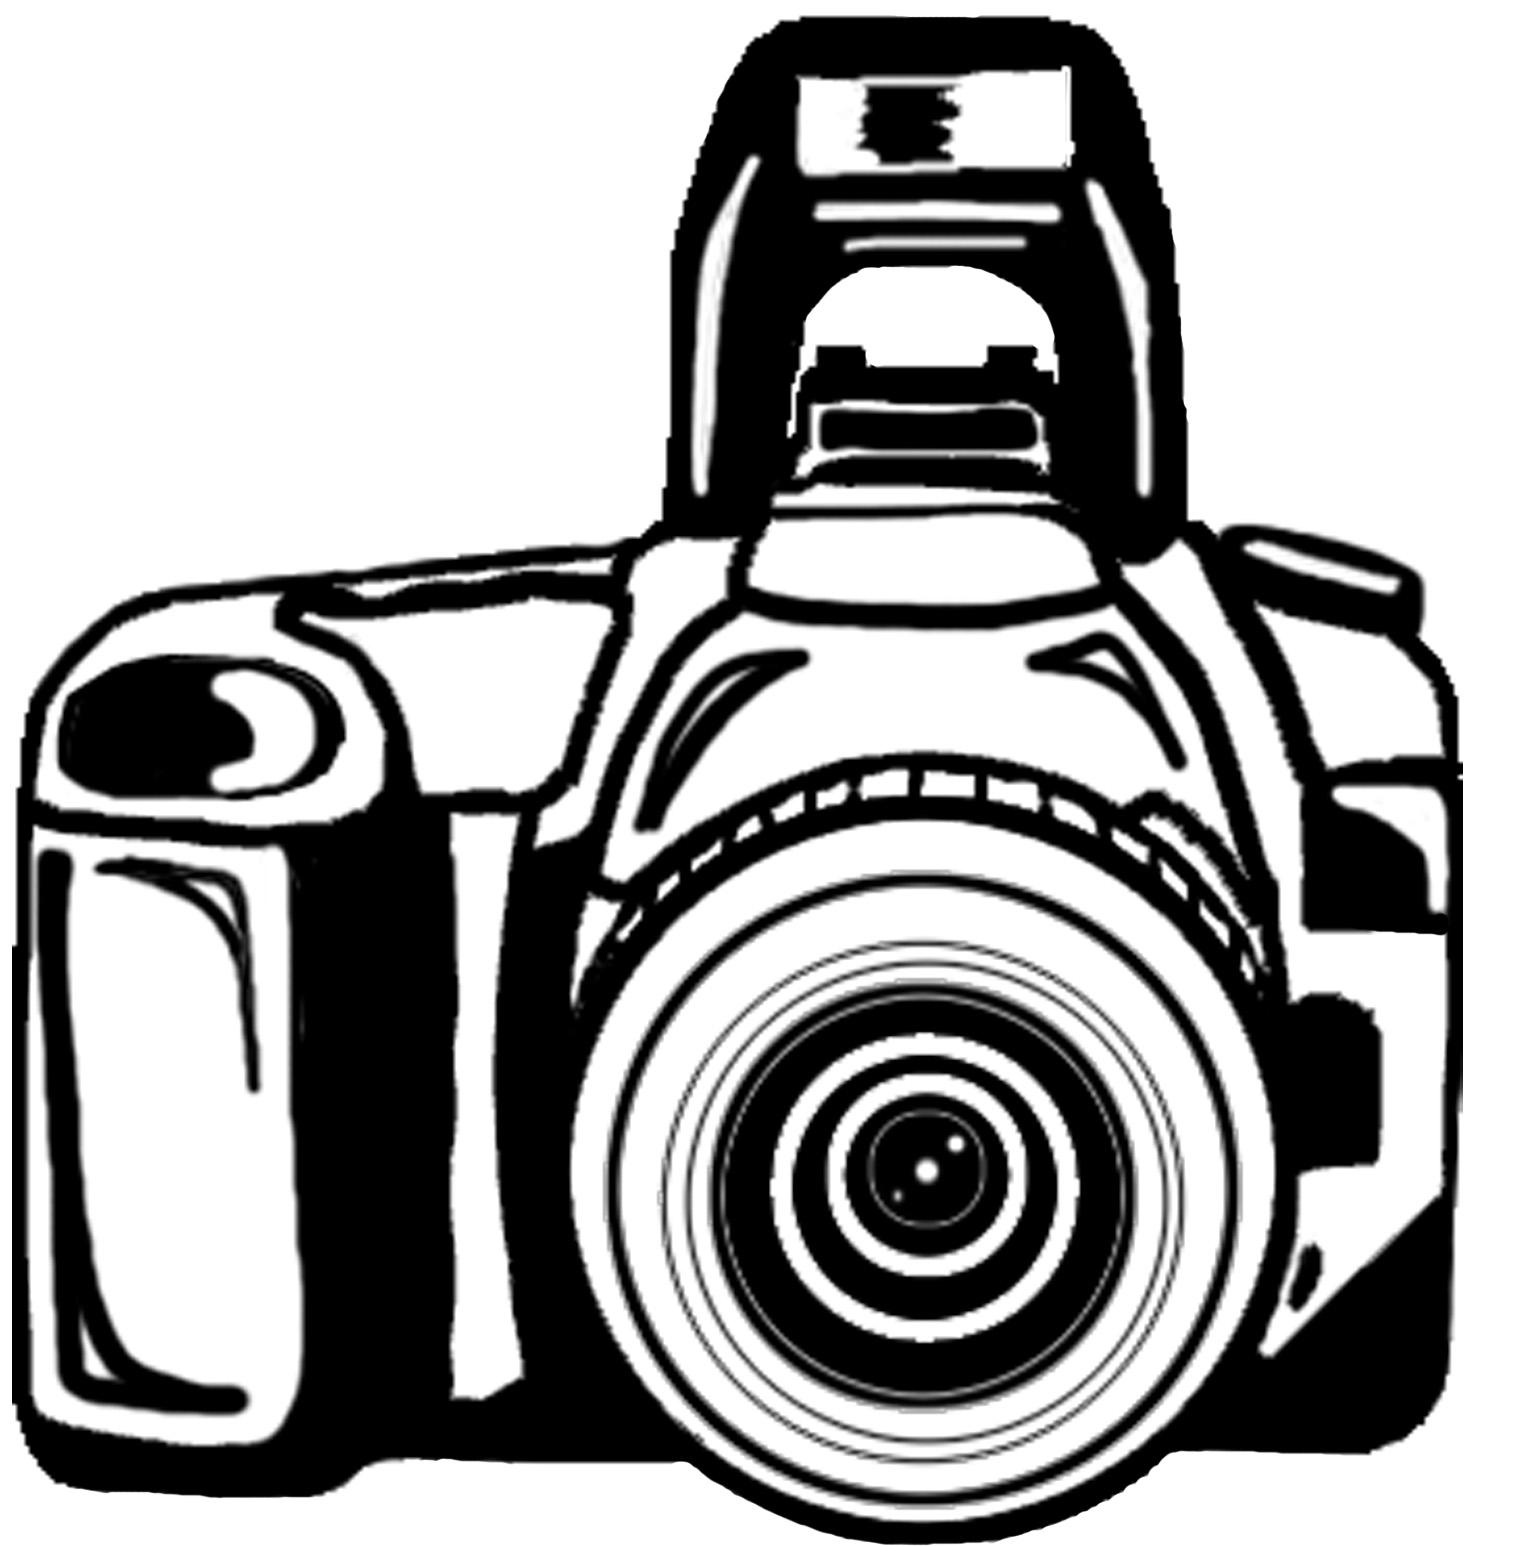 www.clipartbest.com_cliparts_rtg_6aq_rtg6aqjnc.jpg